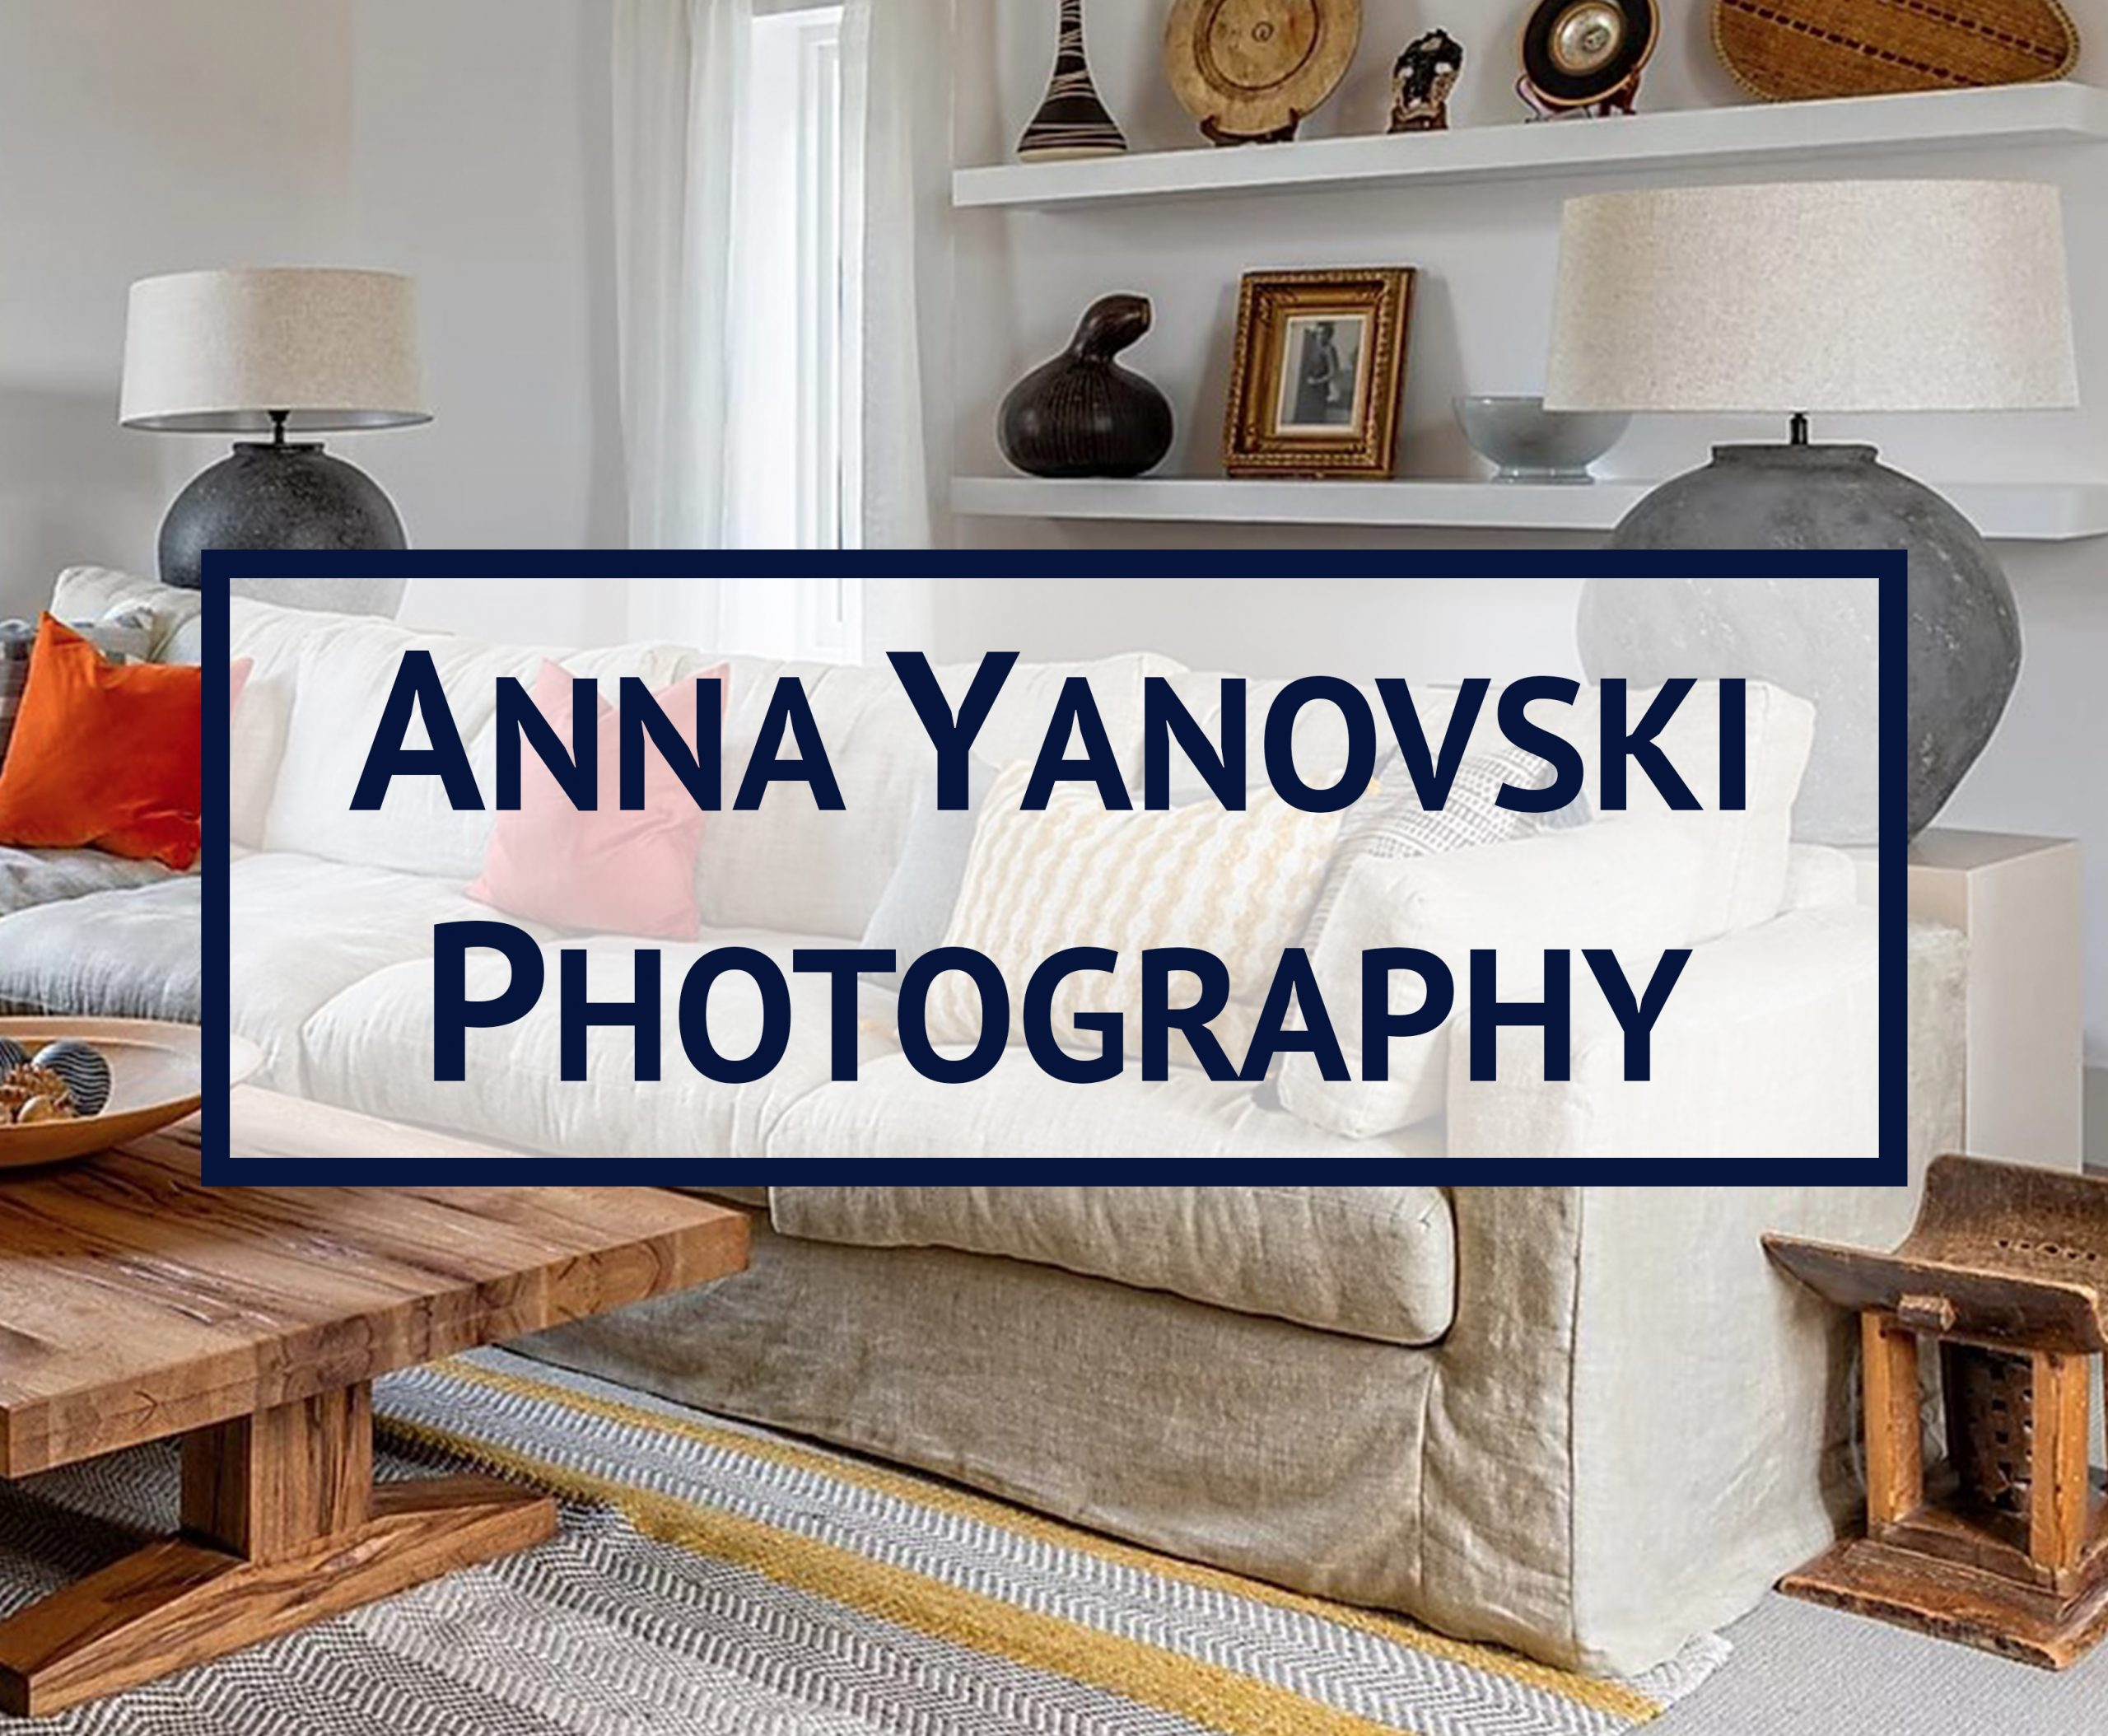 Anna Yanovski Photography